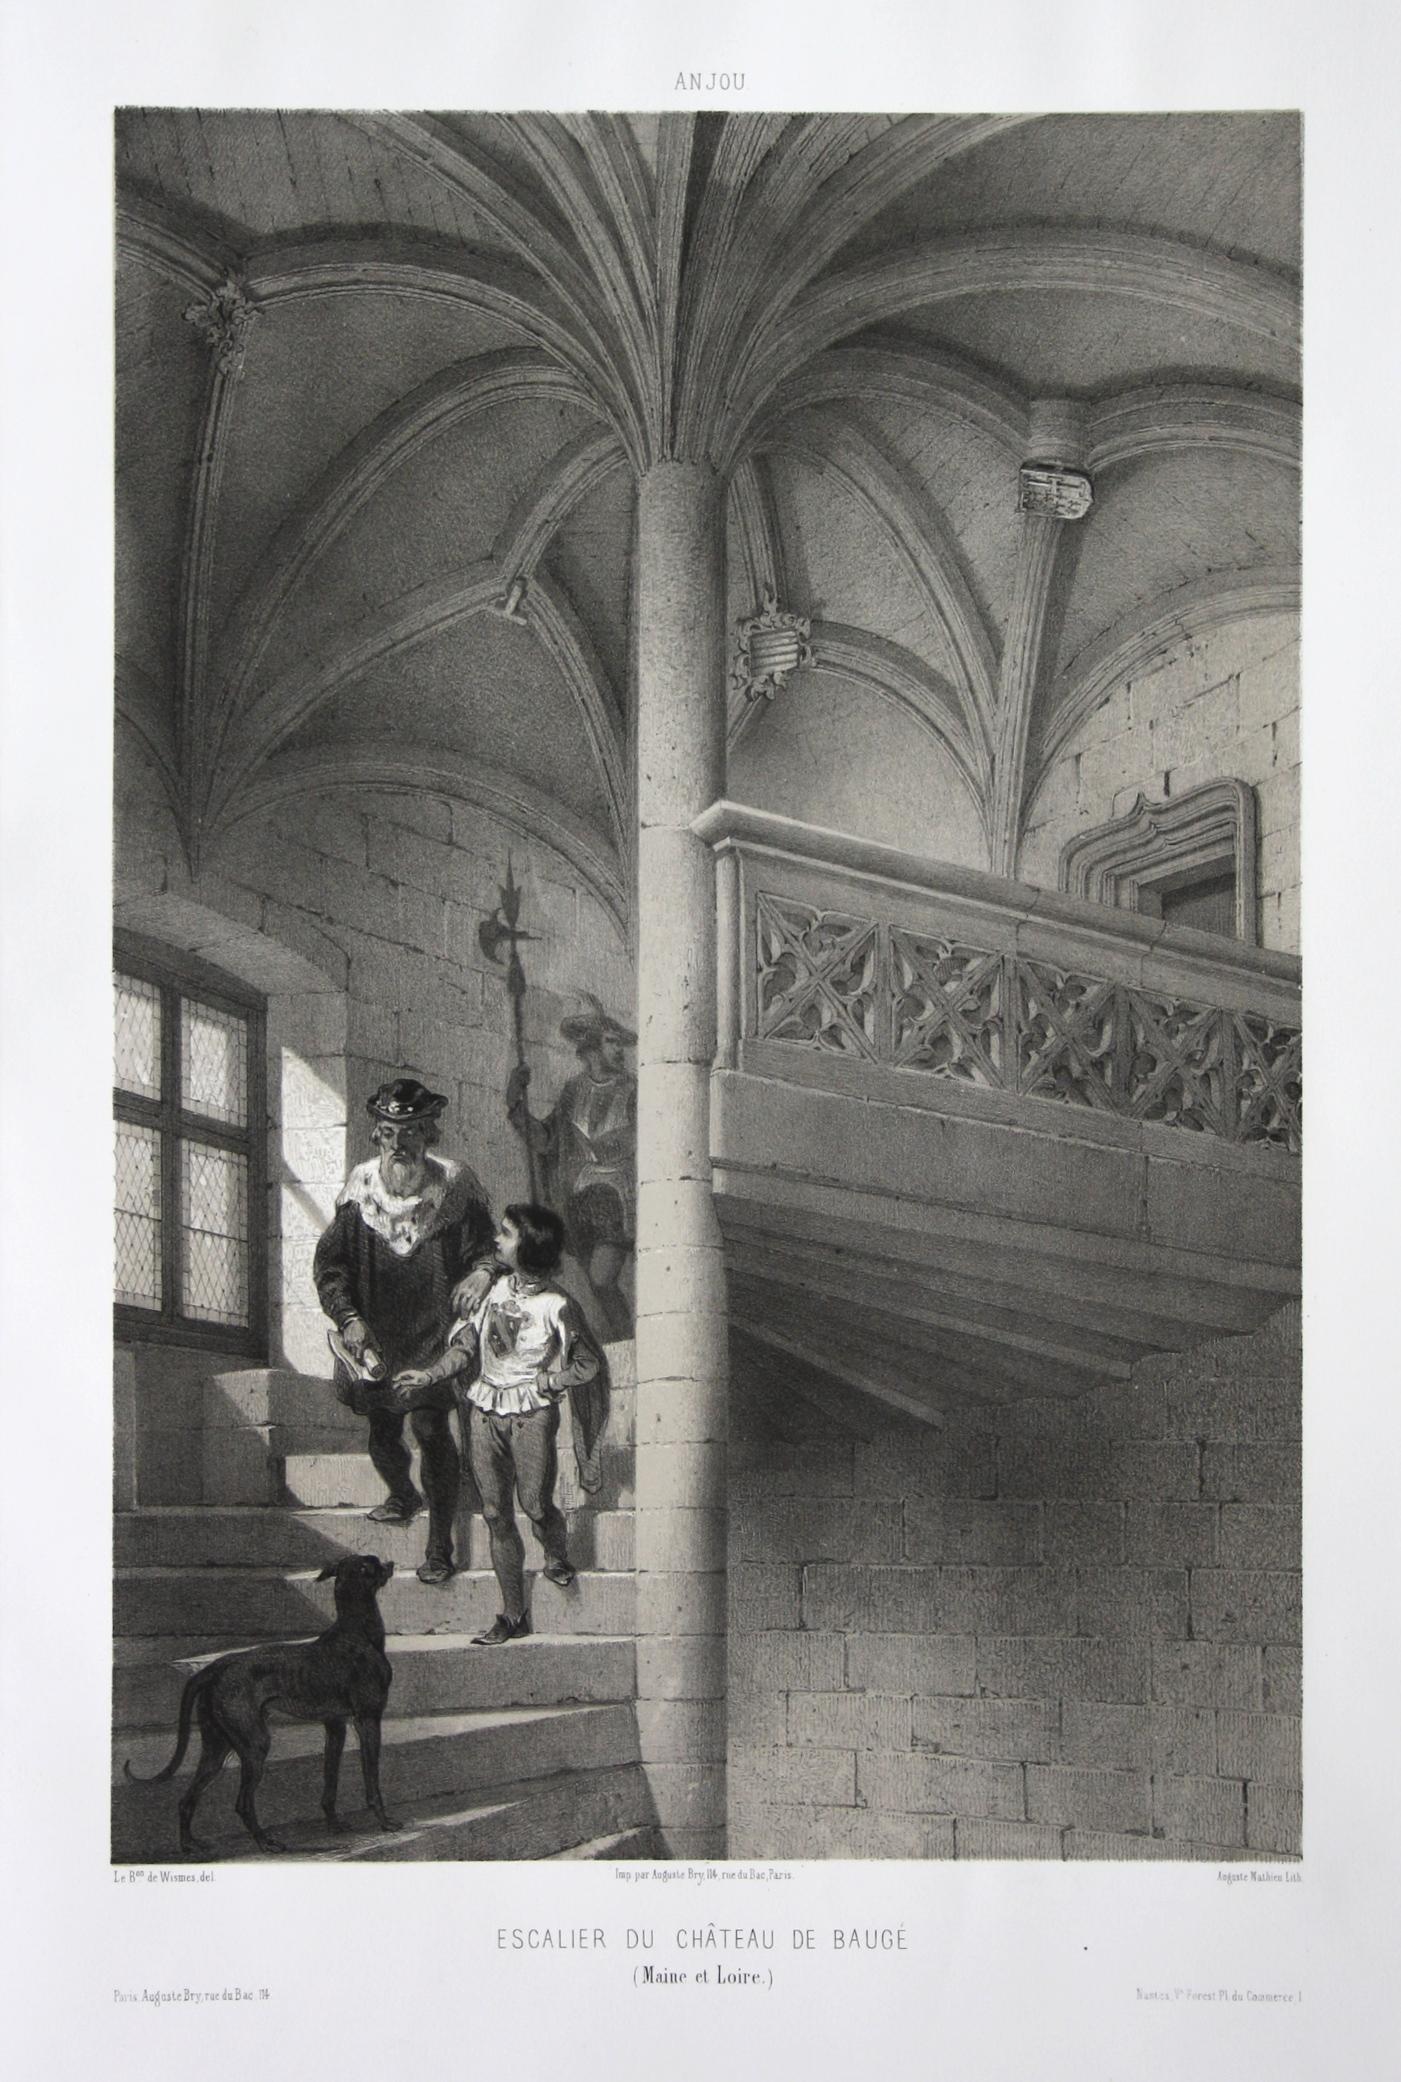 Escalier du Chateau de Bauge / Maine: Wismes, Olivier de